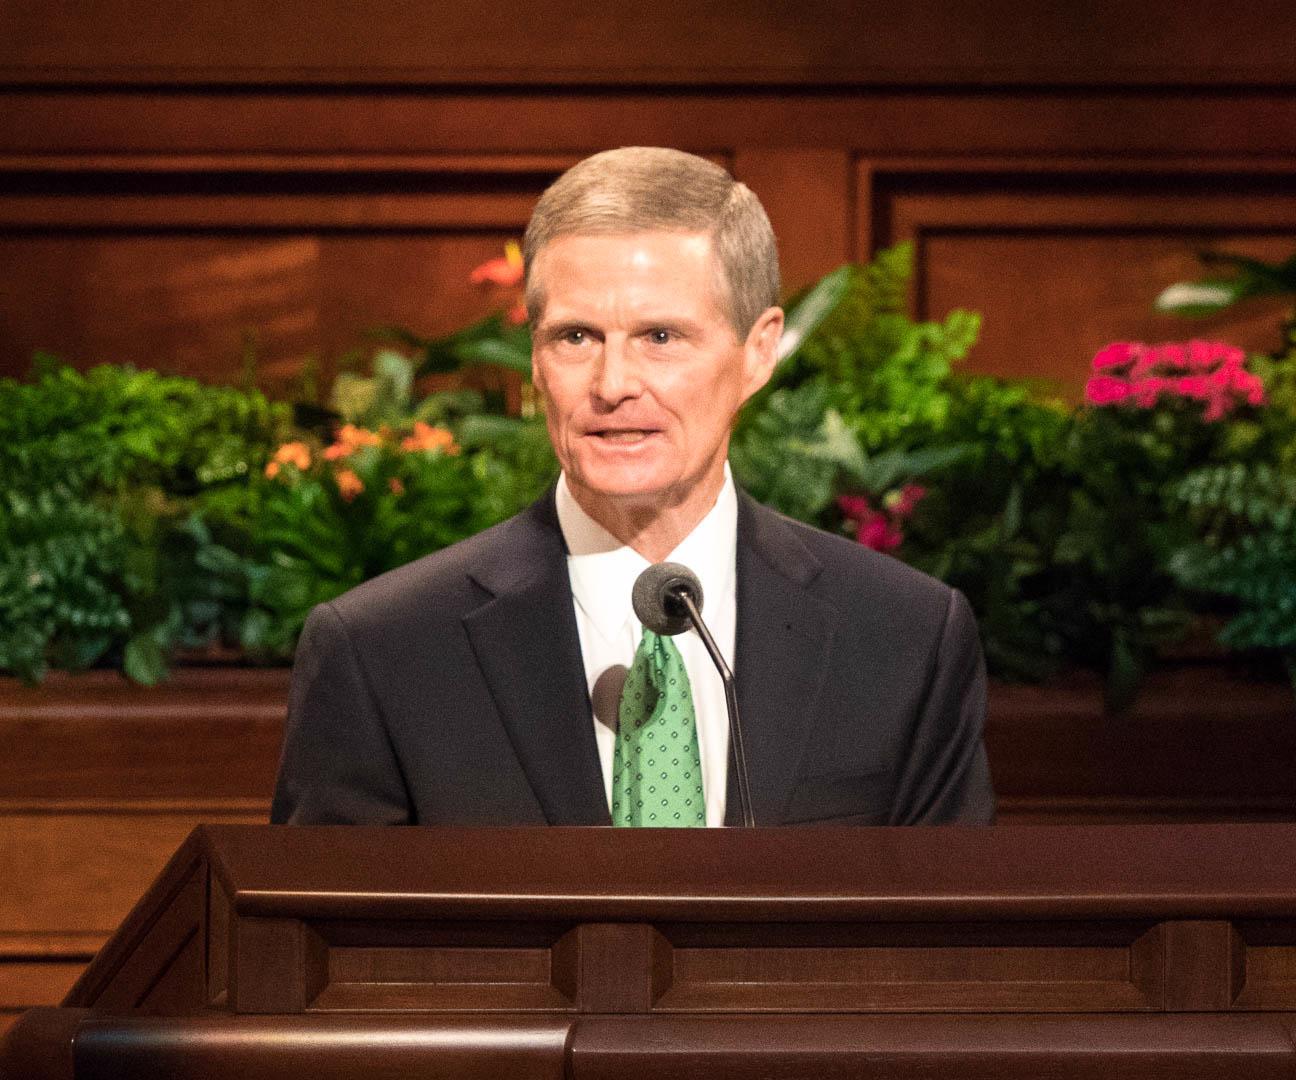 David A. Bednar